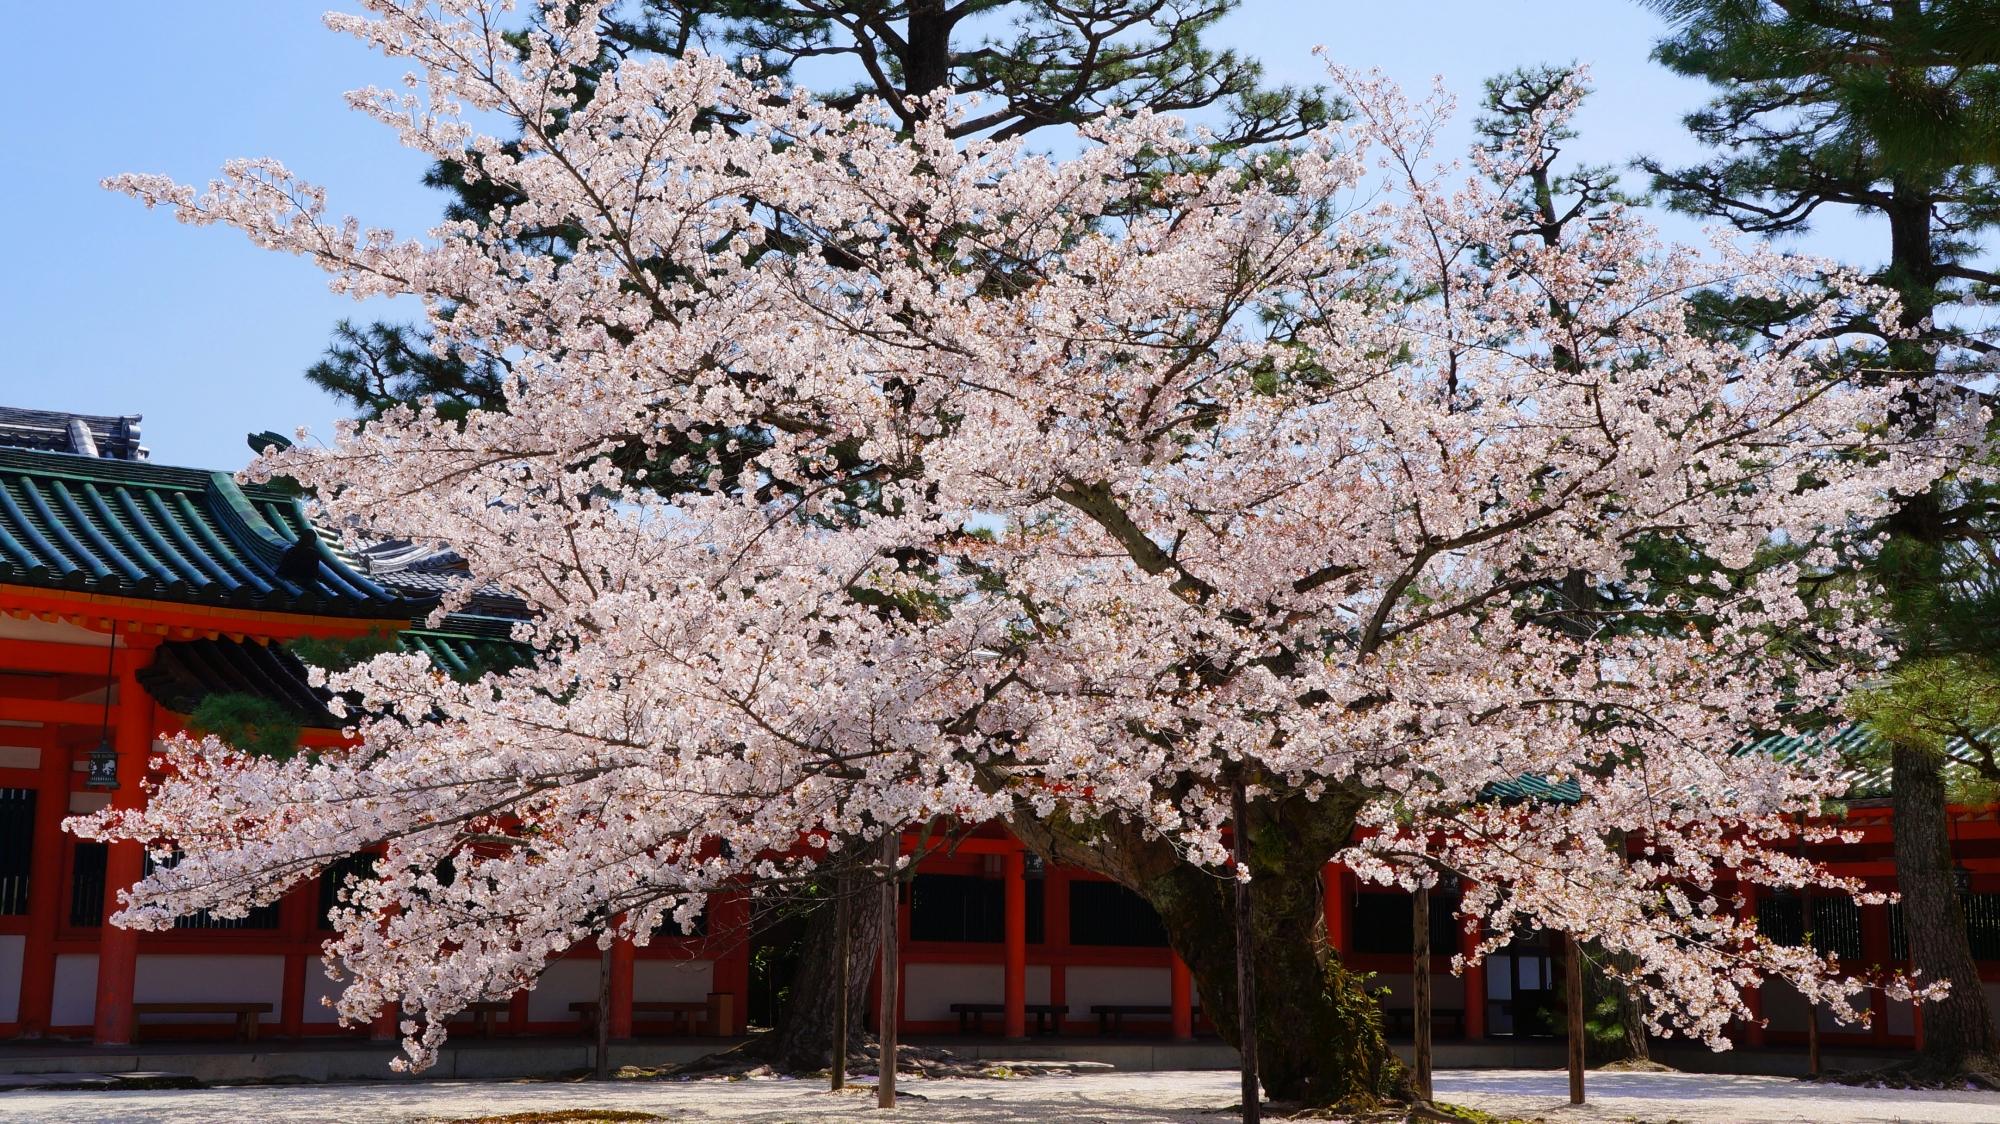 平安神宮の素晴らしい桜と春の情景